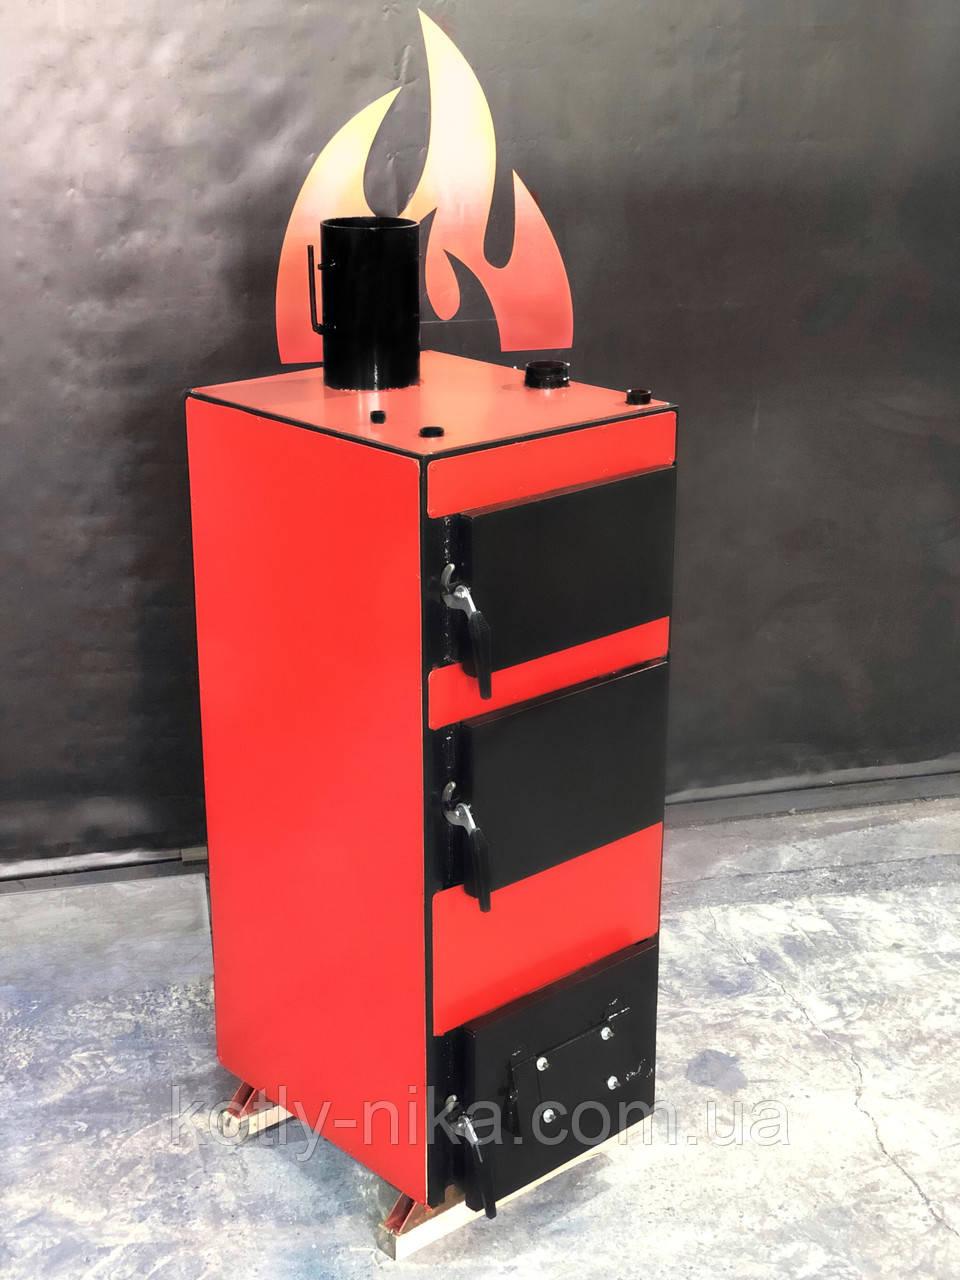 Твердопаливний котел.Котел тривалого горіння 20 - 24 кВт